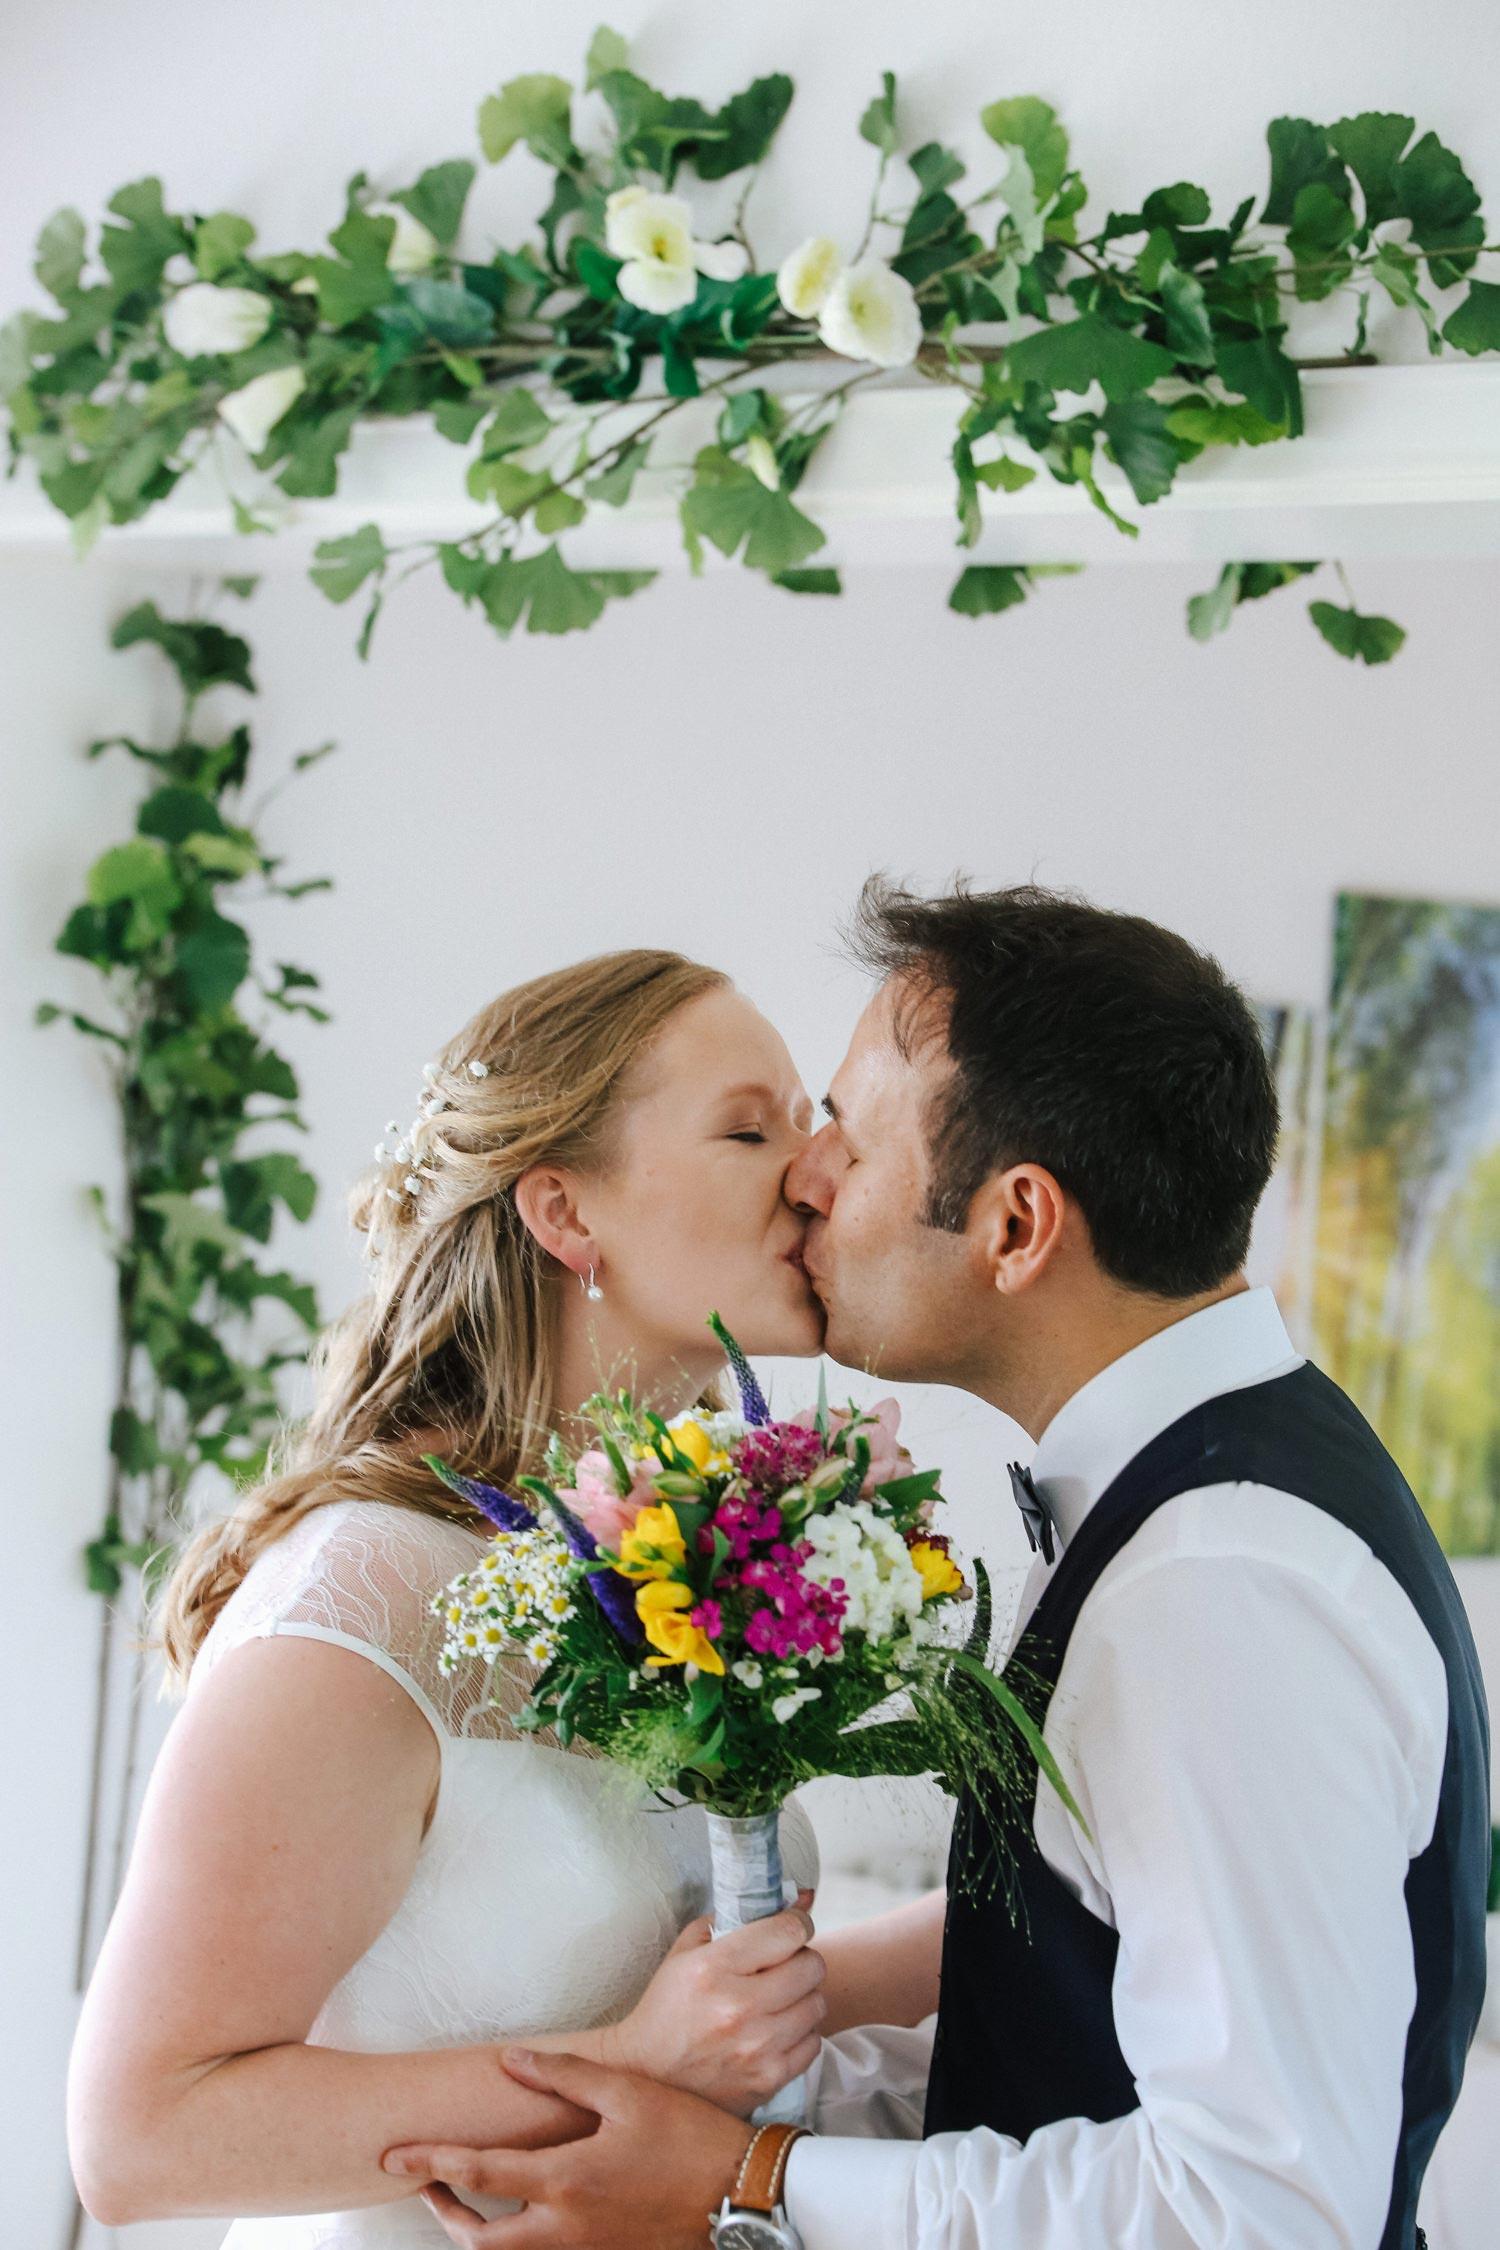 Hochzeitsfotografie schnappschuetzen 7